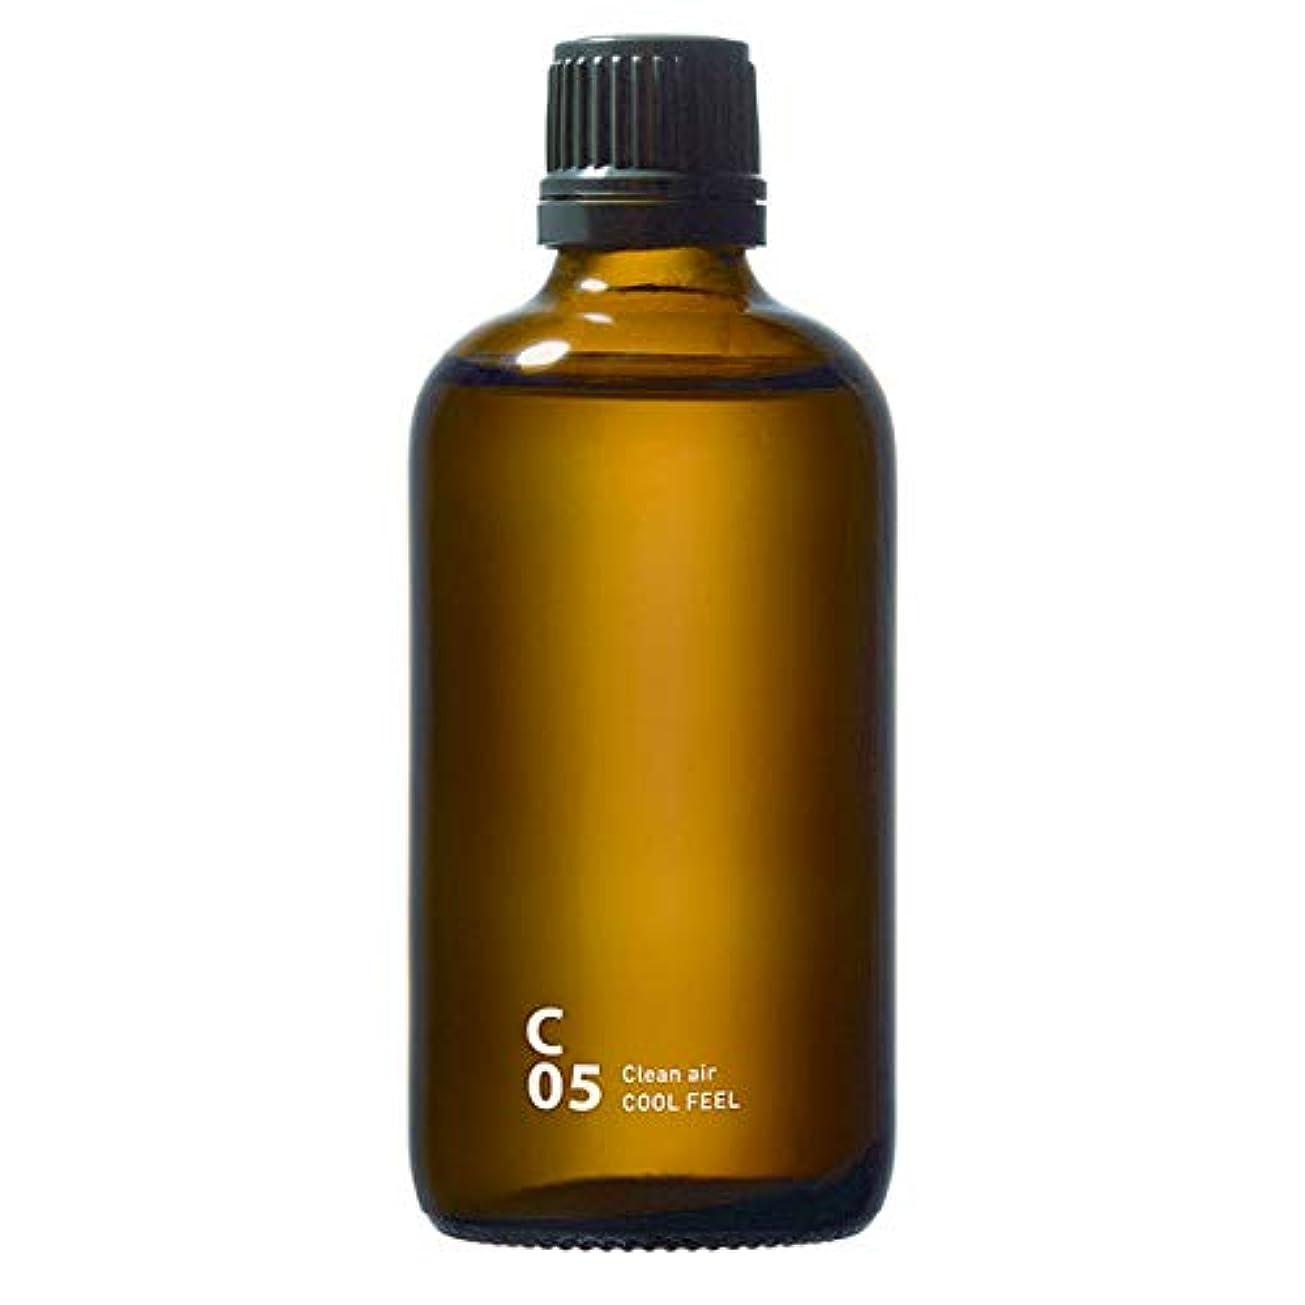 オーバードローレキシコン枯れるC05 COOL FEEL piezo aroma oil 100ml